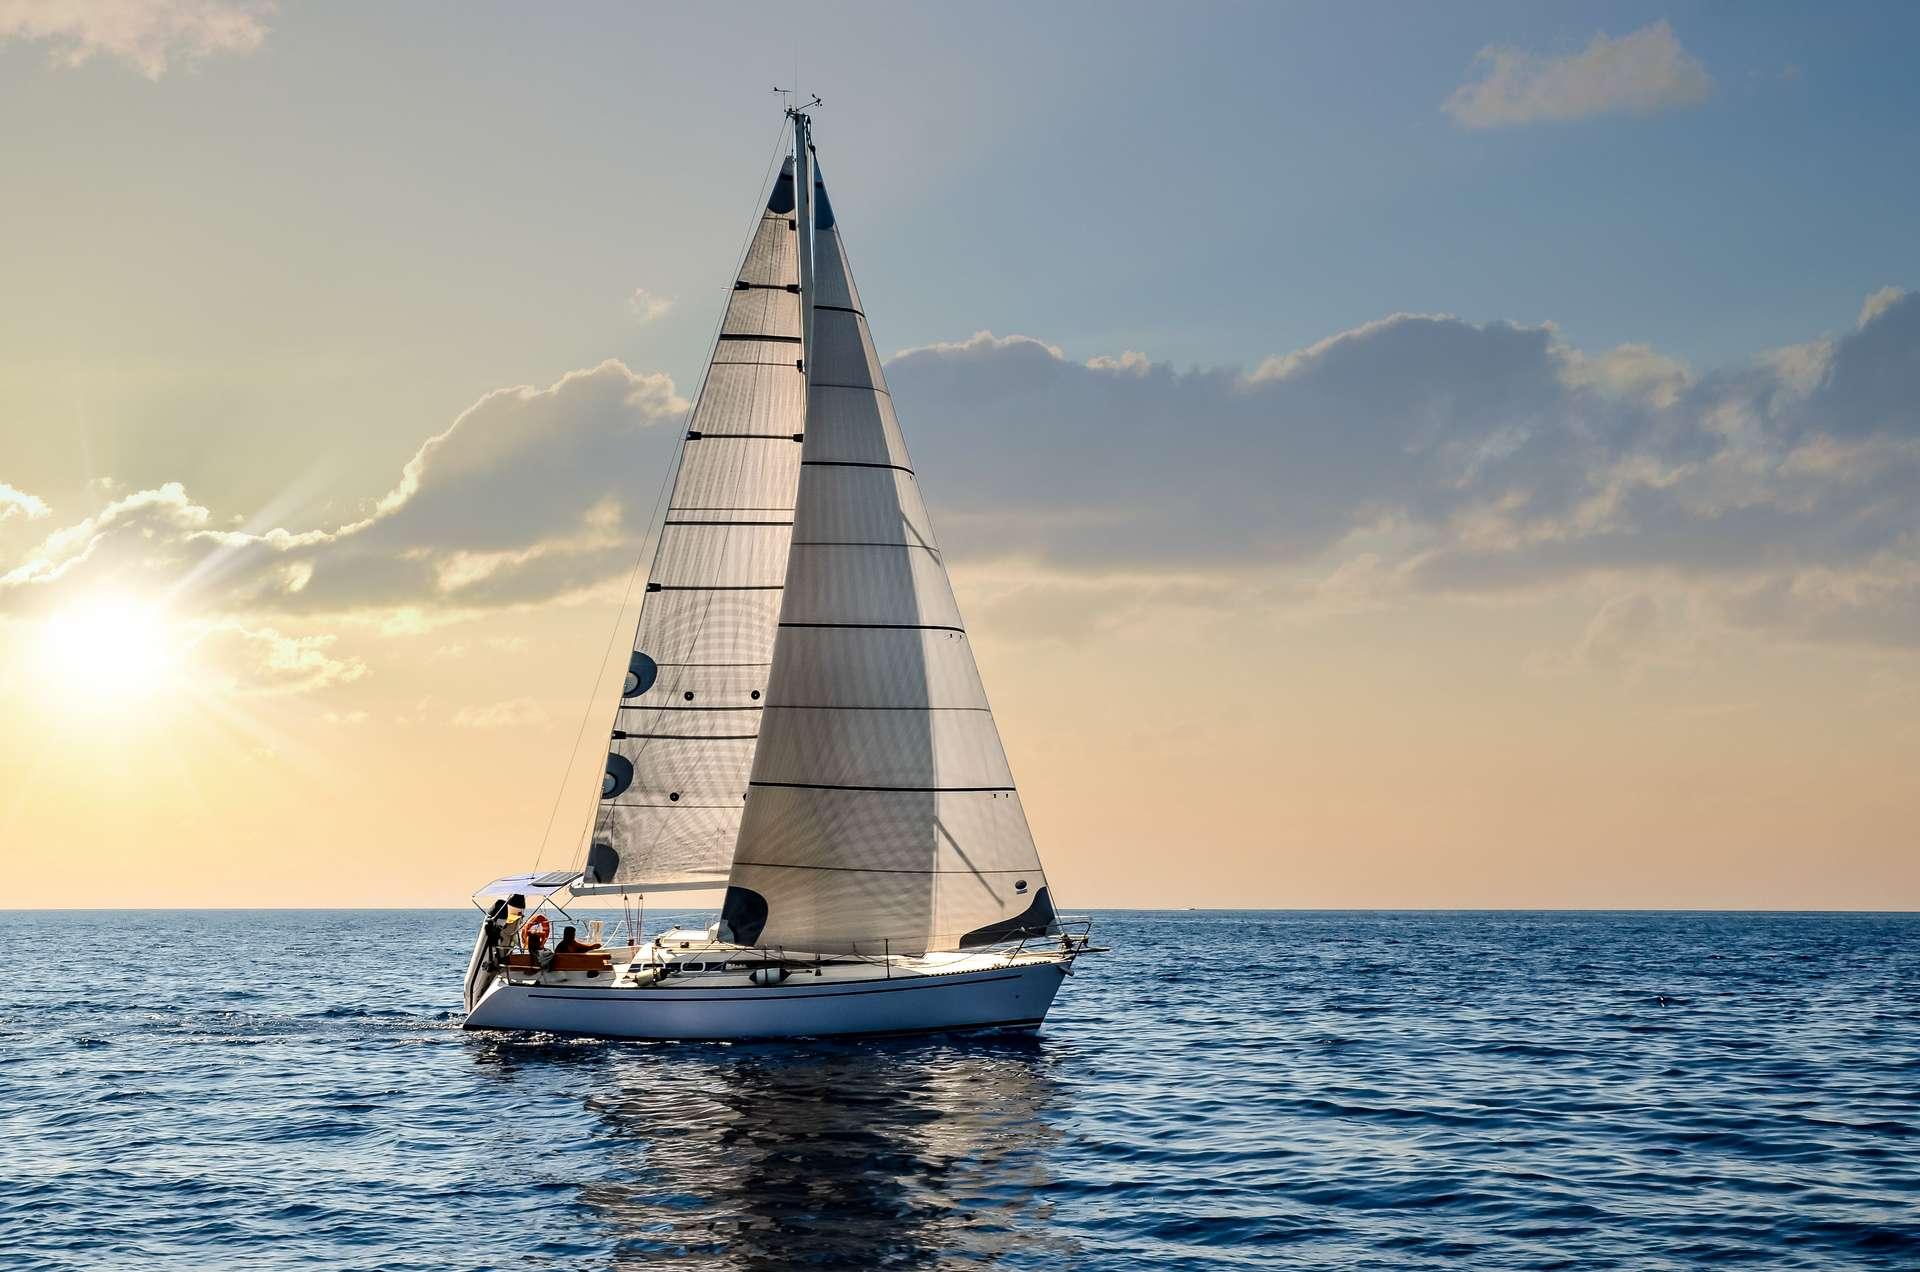 À bord d'un voilier, les enfants du documentaire La Bulle Bleue sont partis explorer la biodiversité marine. Et la nouvelle vie qui s'offre à eux. © Image'in, Adobe Stock